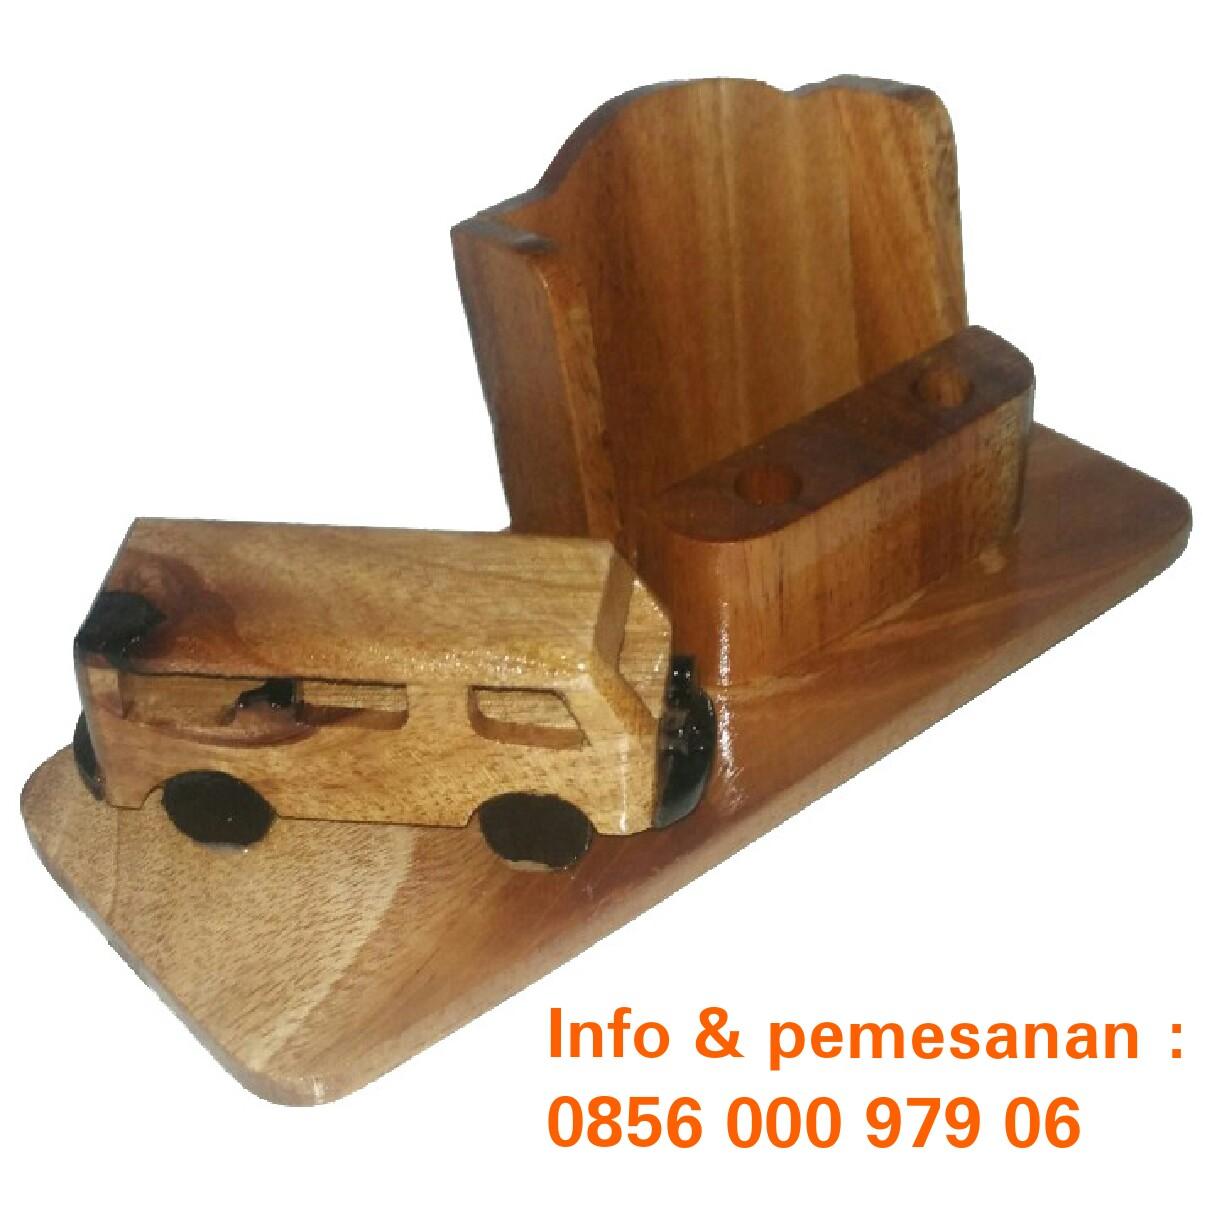 Grosir Souvenir Kayu Tempat Pensil Dari Pinsil Murah Kotak Jual Harga Supplier Kerajinan